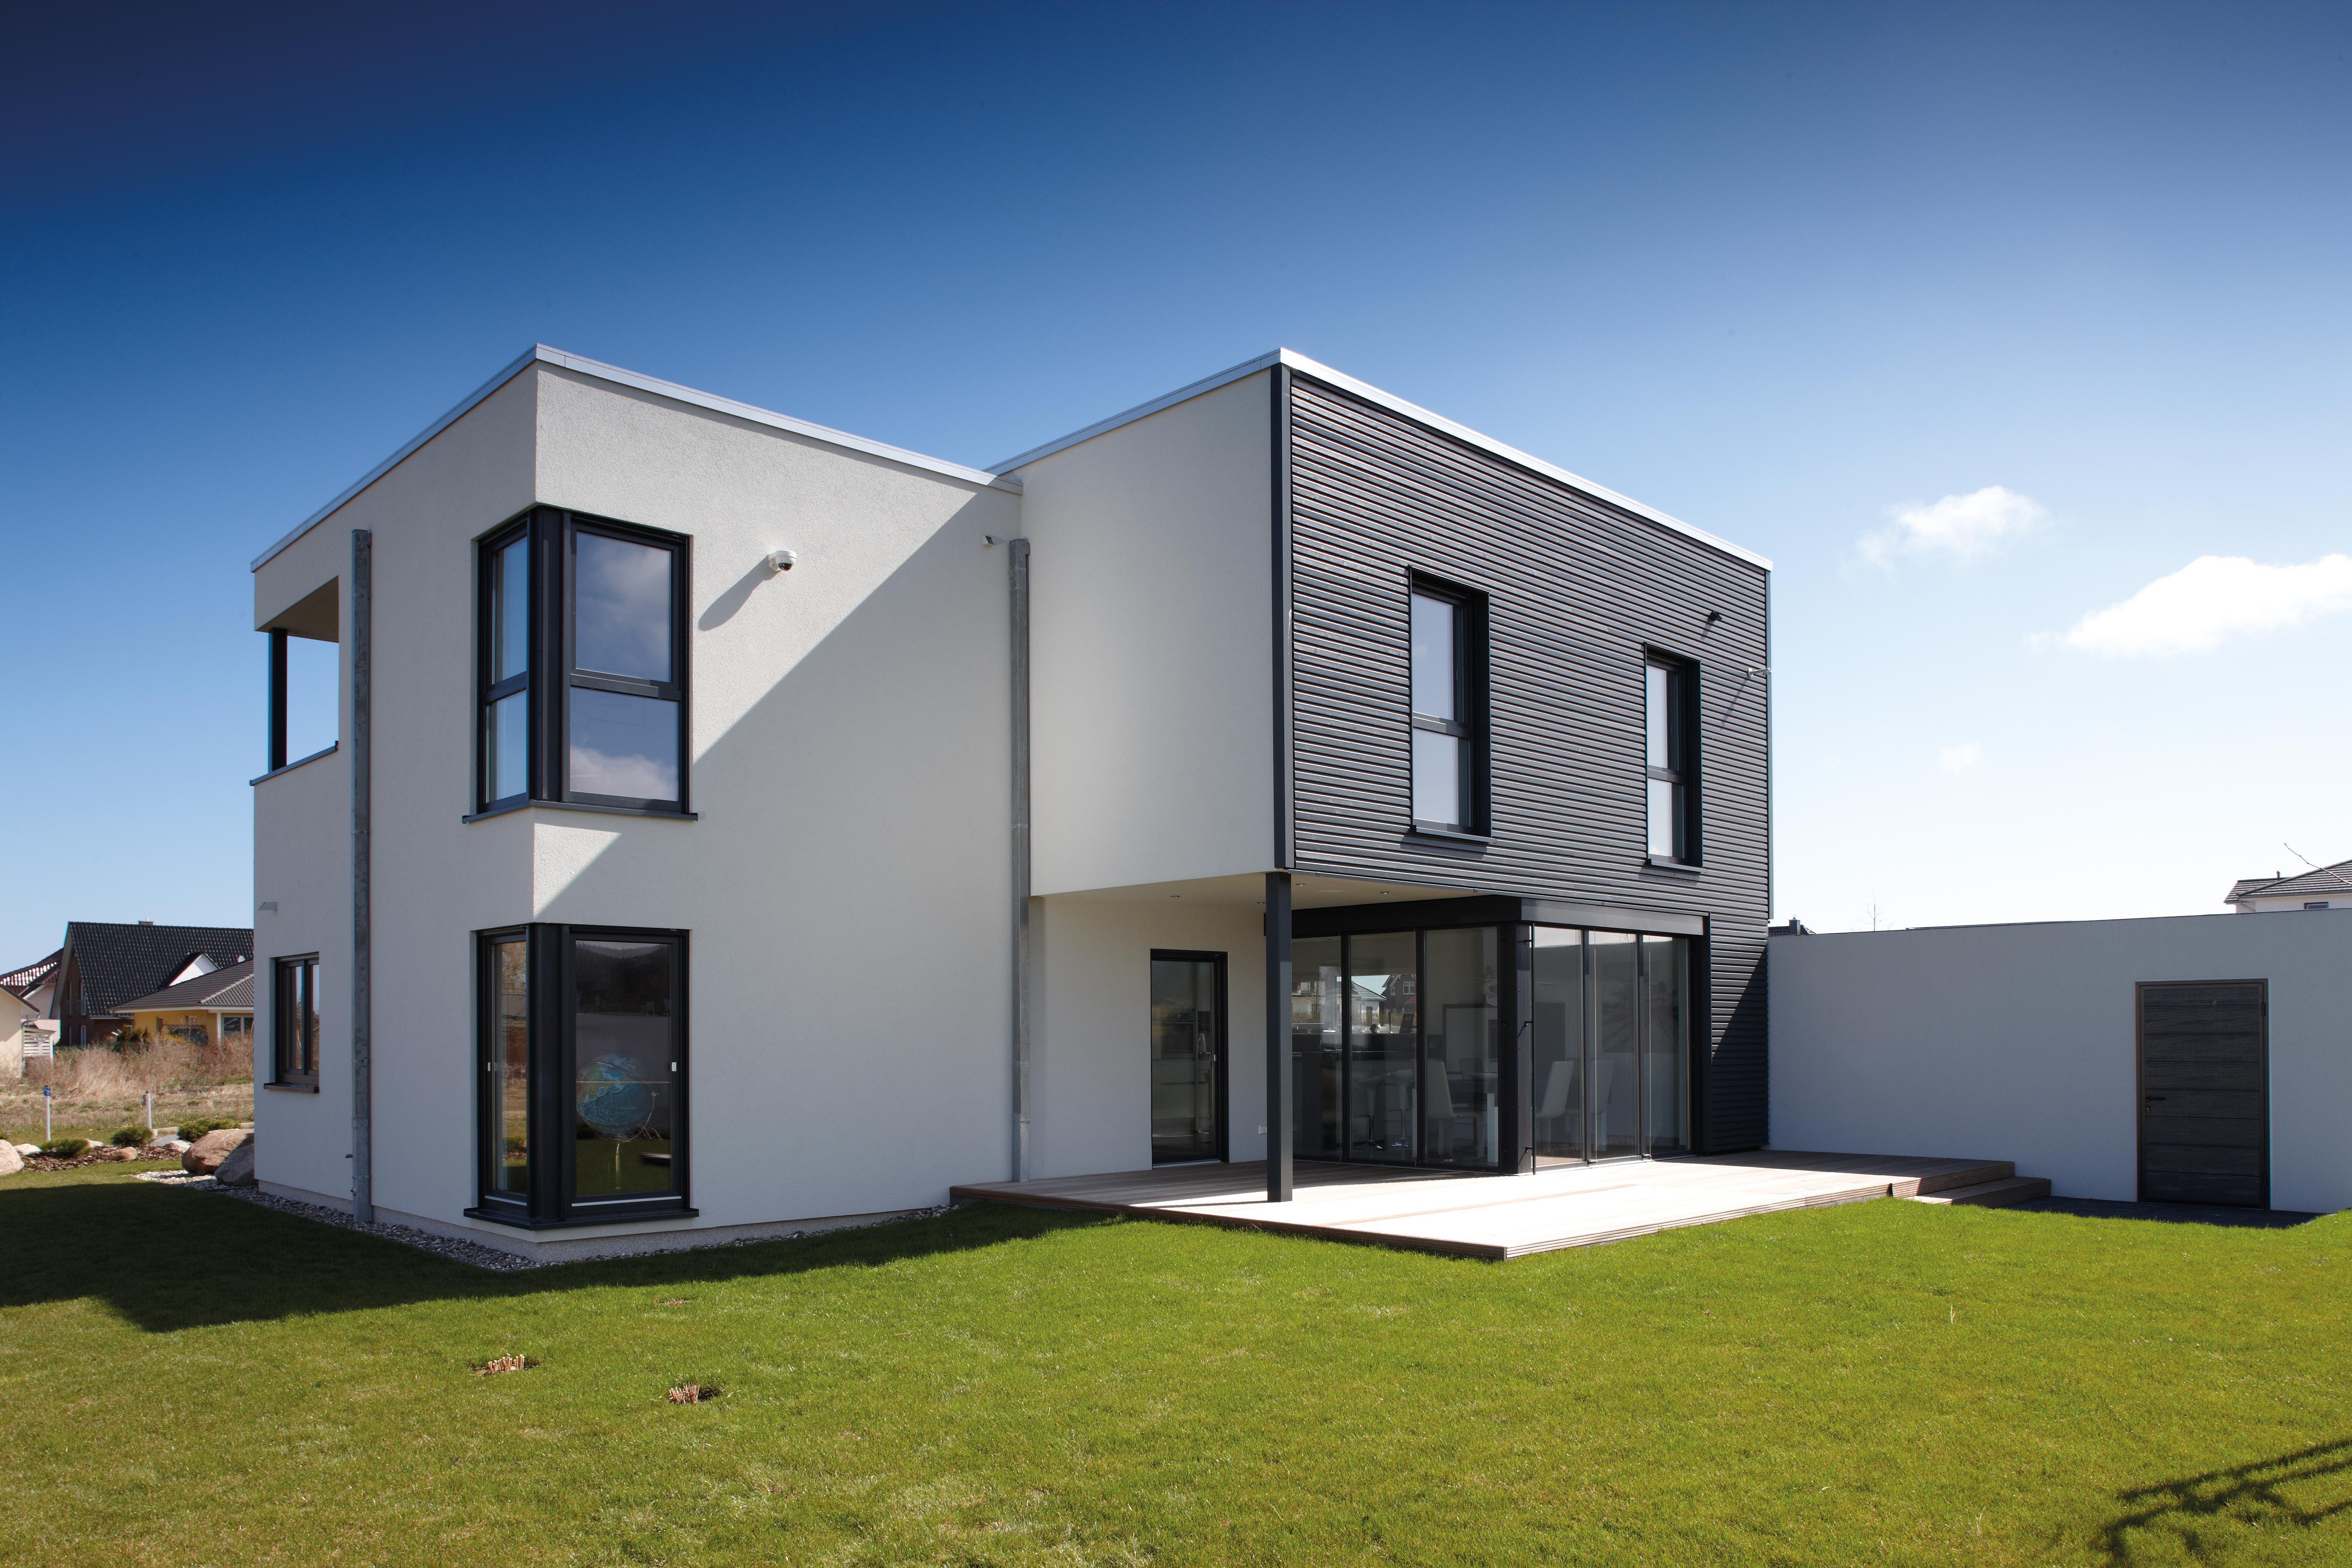 Hausideen Das Fertighaus Im Bauhaus Stil In Grau Und Weiss Setzt Akzente Mit Der Schwarzen Holzfassade Haus Haus Ideen Style At Home